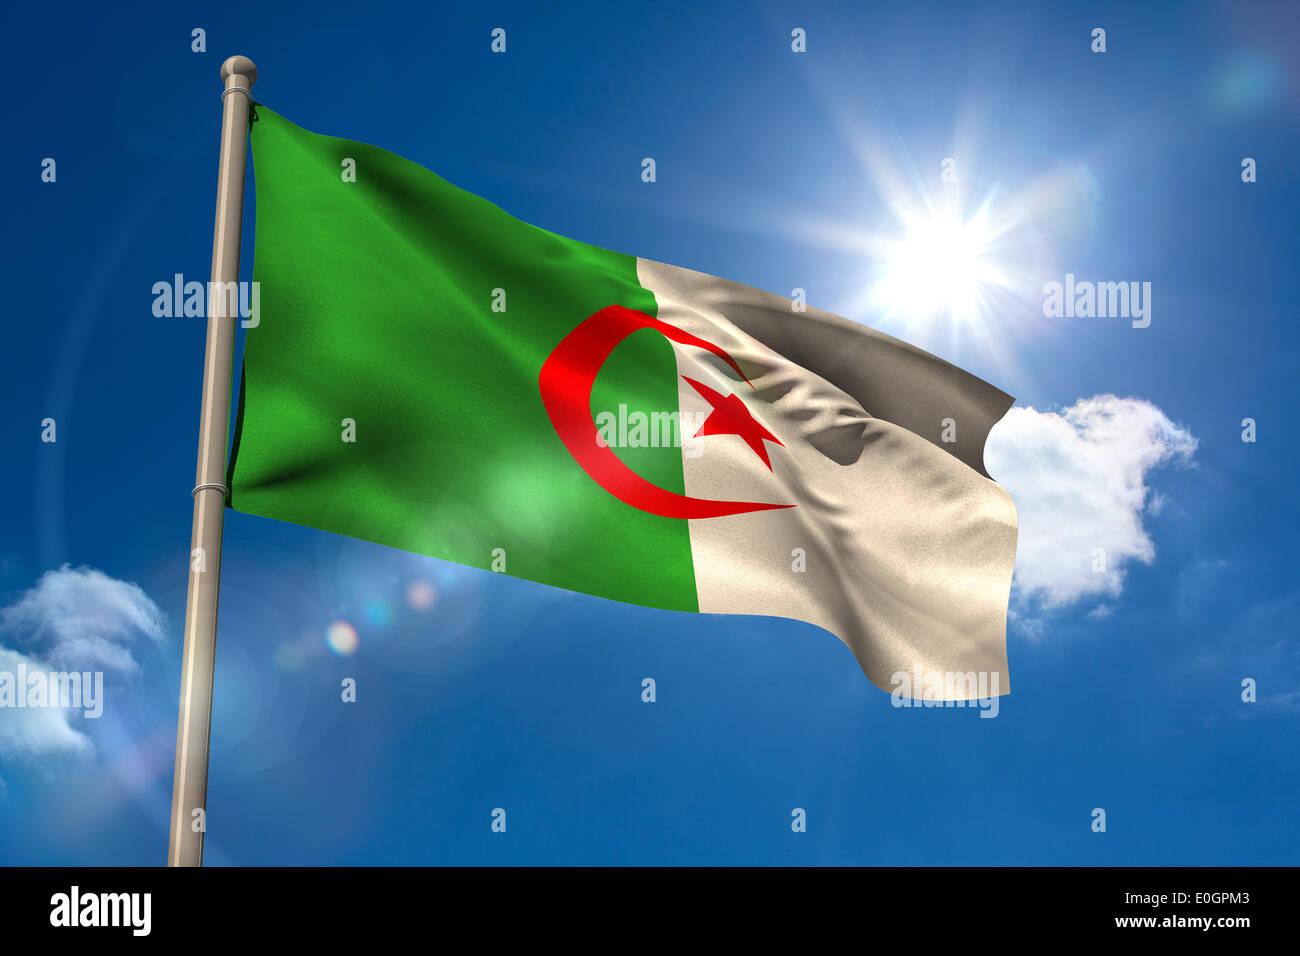 Algeria national flag on flagpole - Stock Image